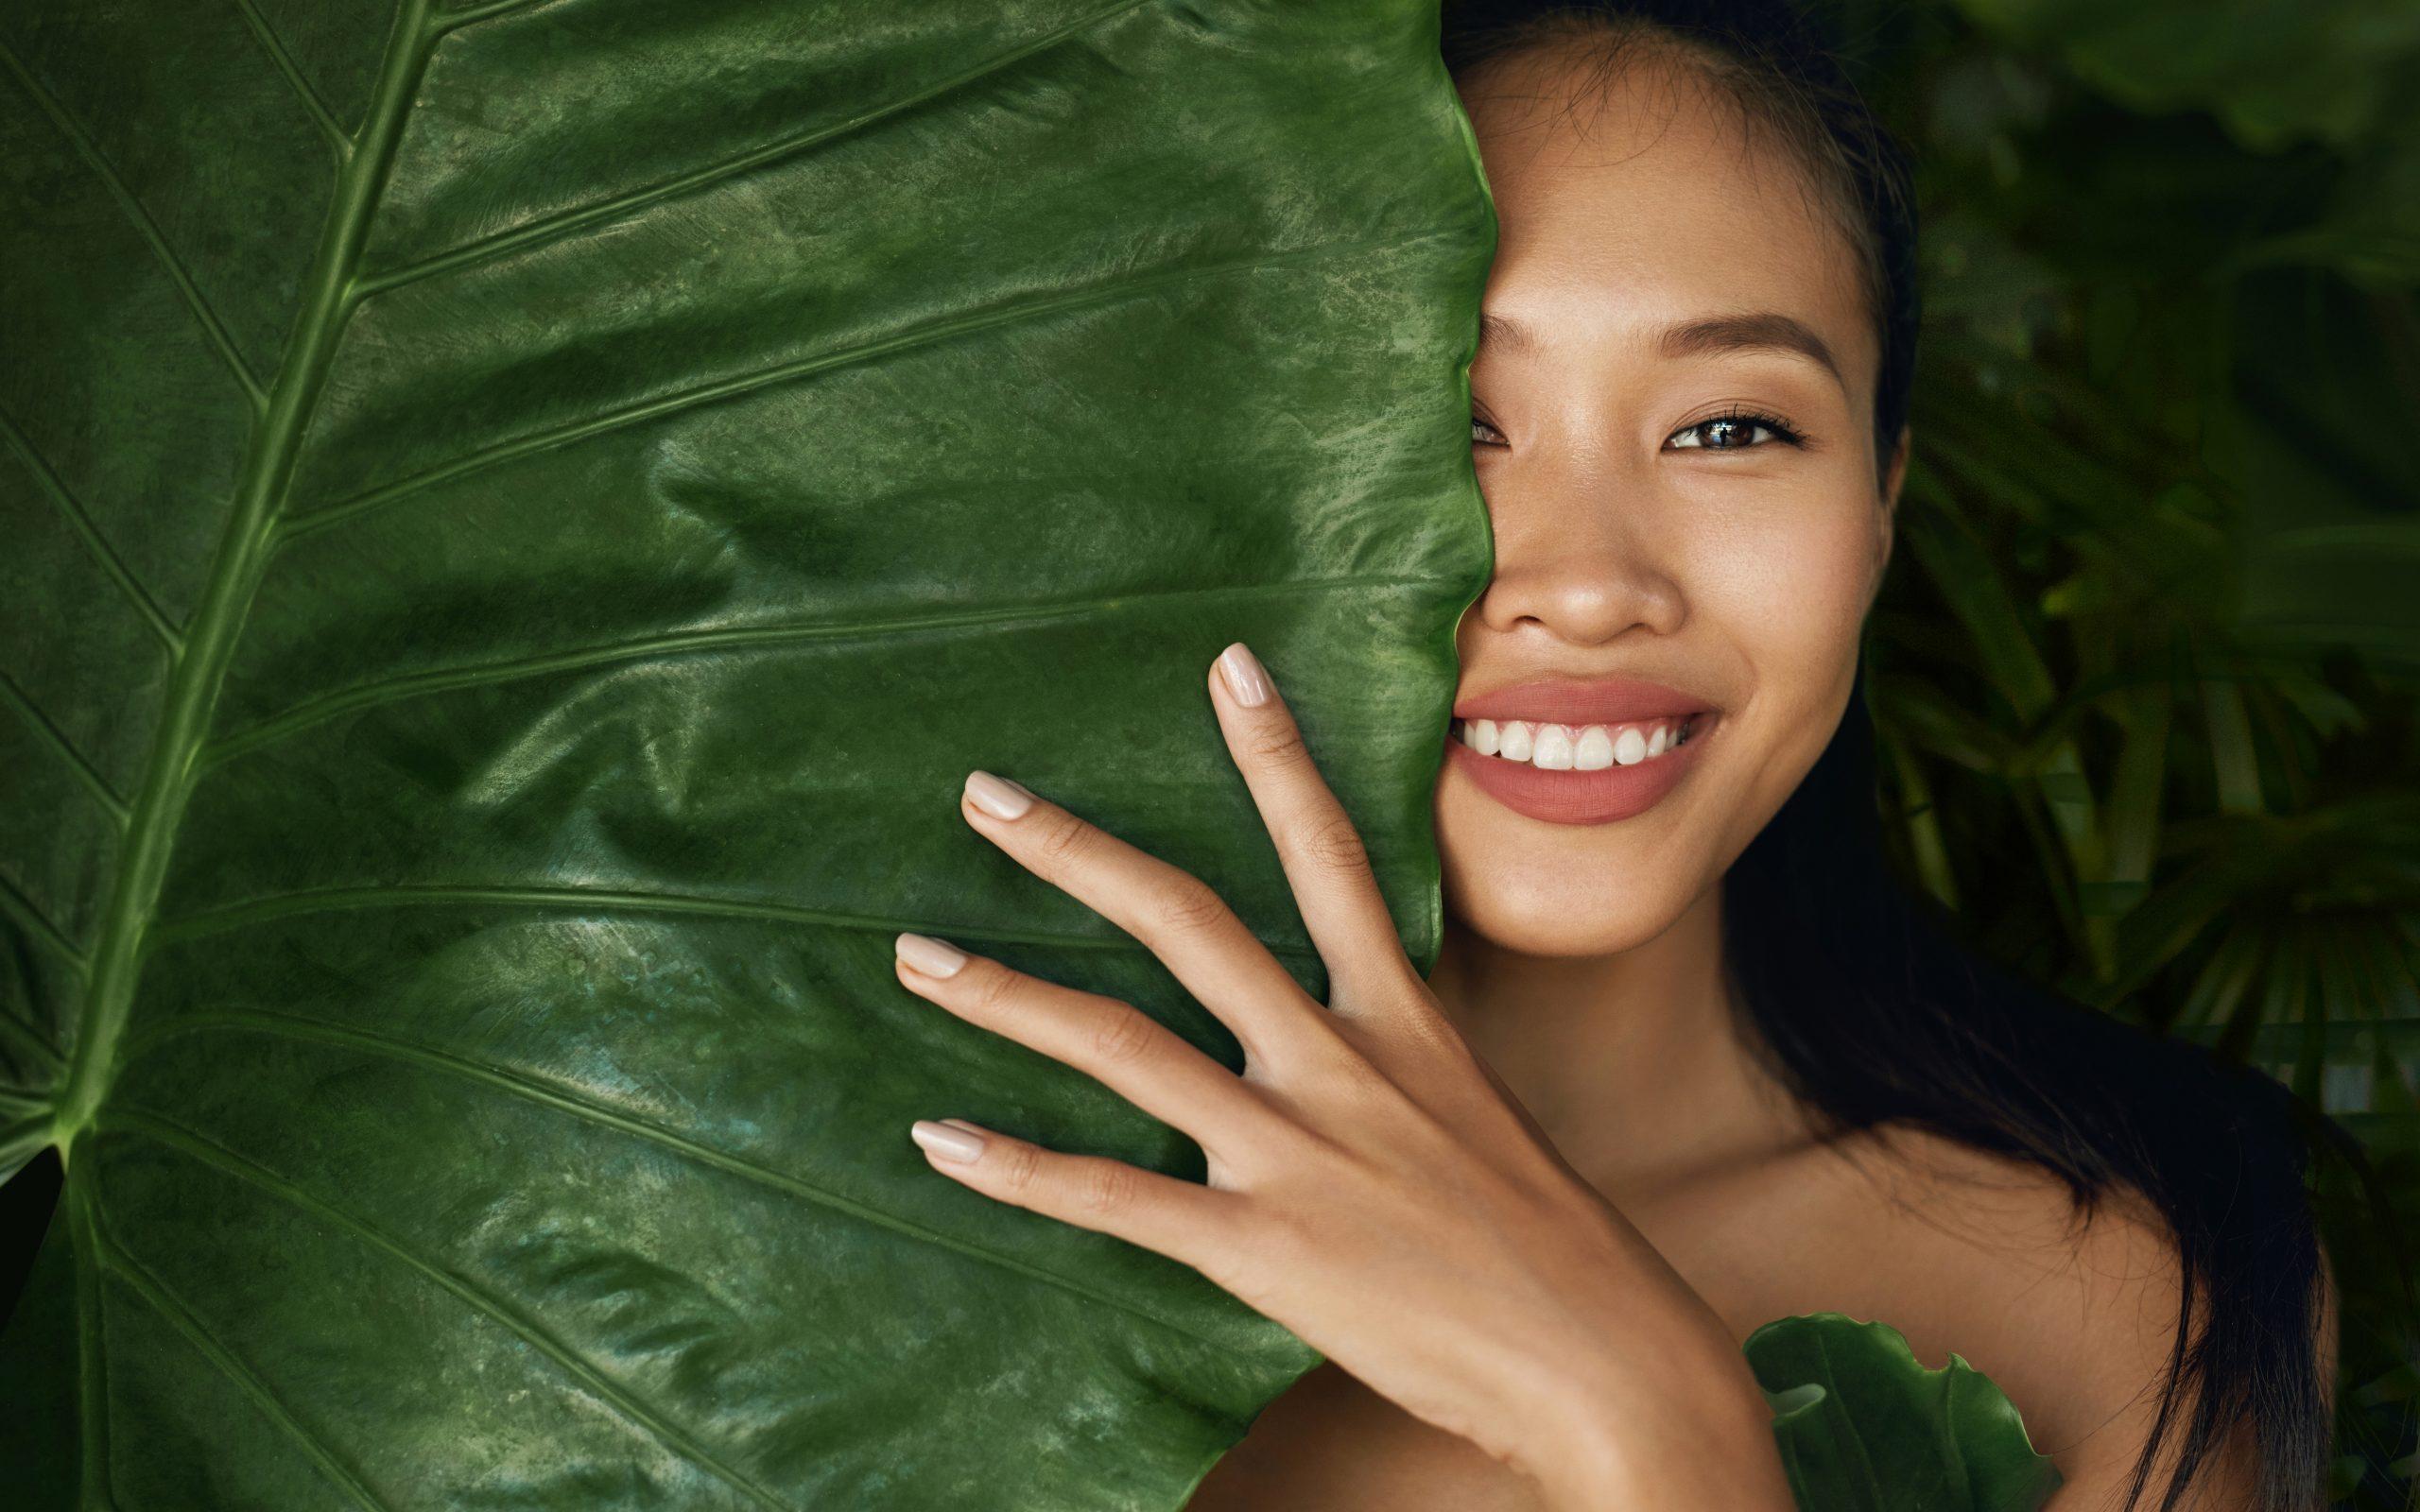 Ομορφιά: Το στυλ ζωής σου αντανακλάται στο δέρμα σου